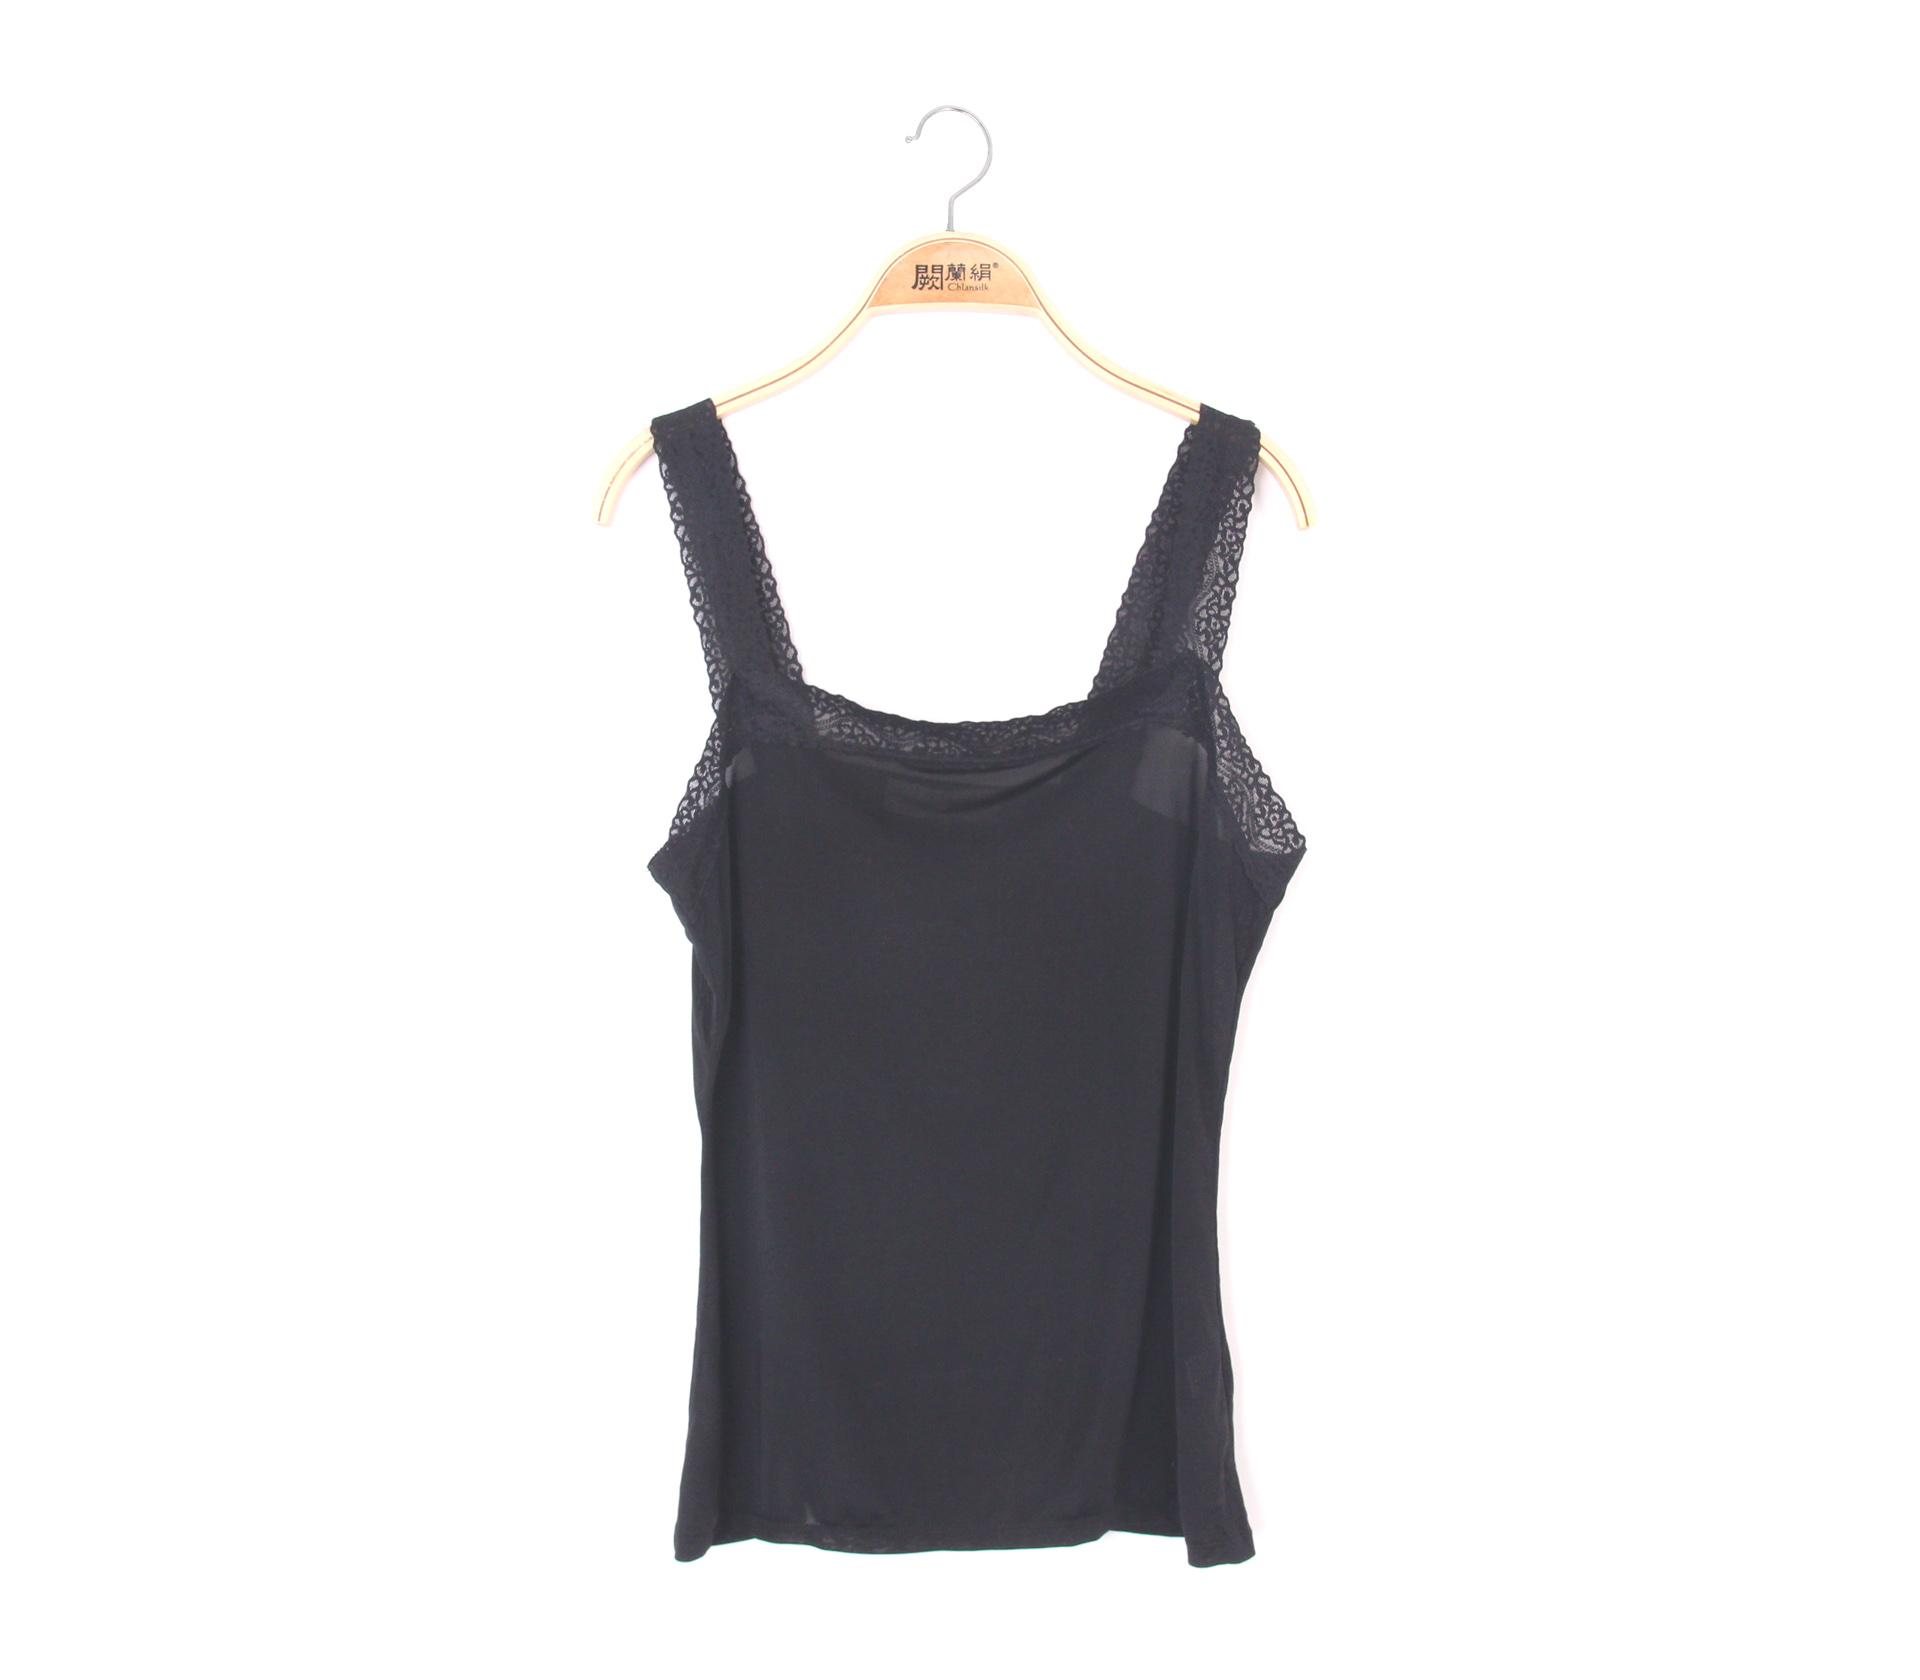 闕蘭絹親膚舒適100%蠶絲背心-9910(黑)